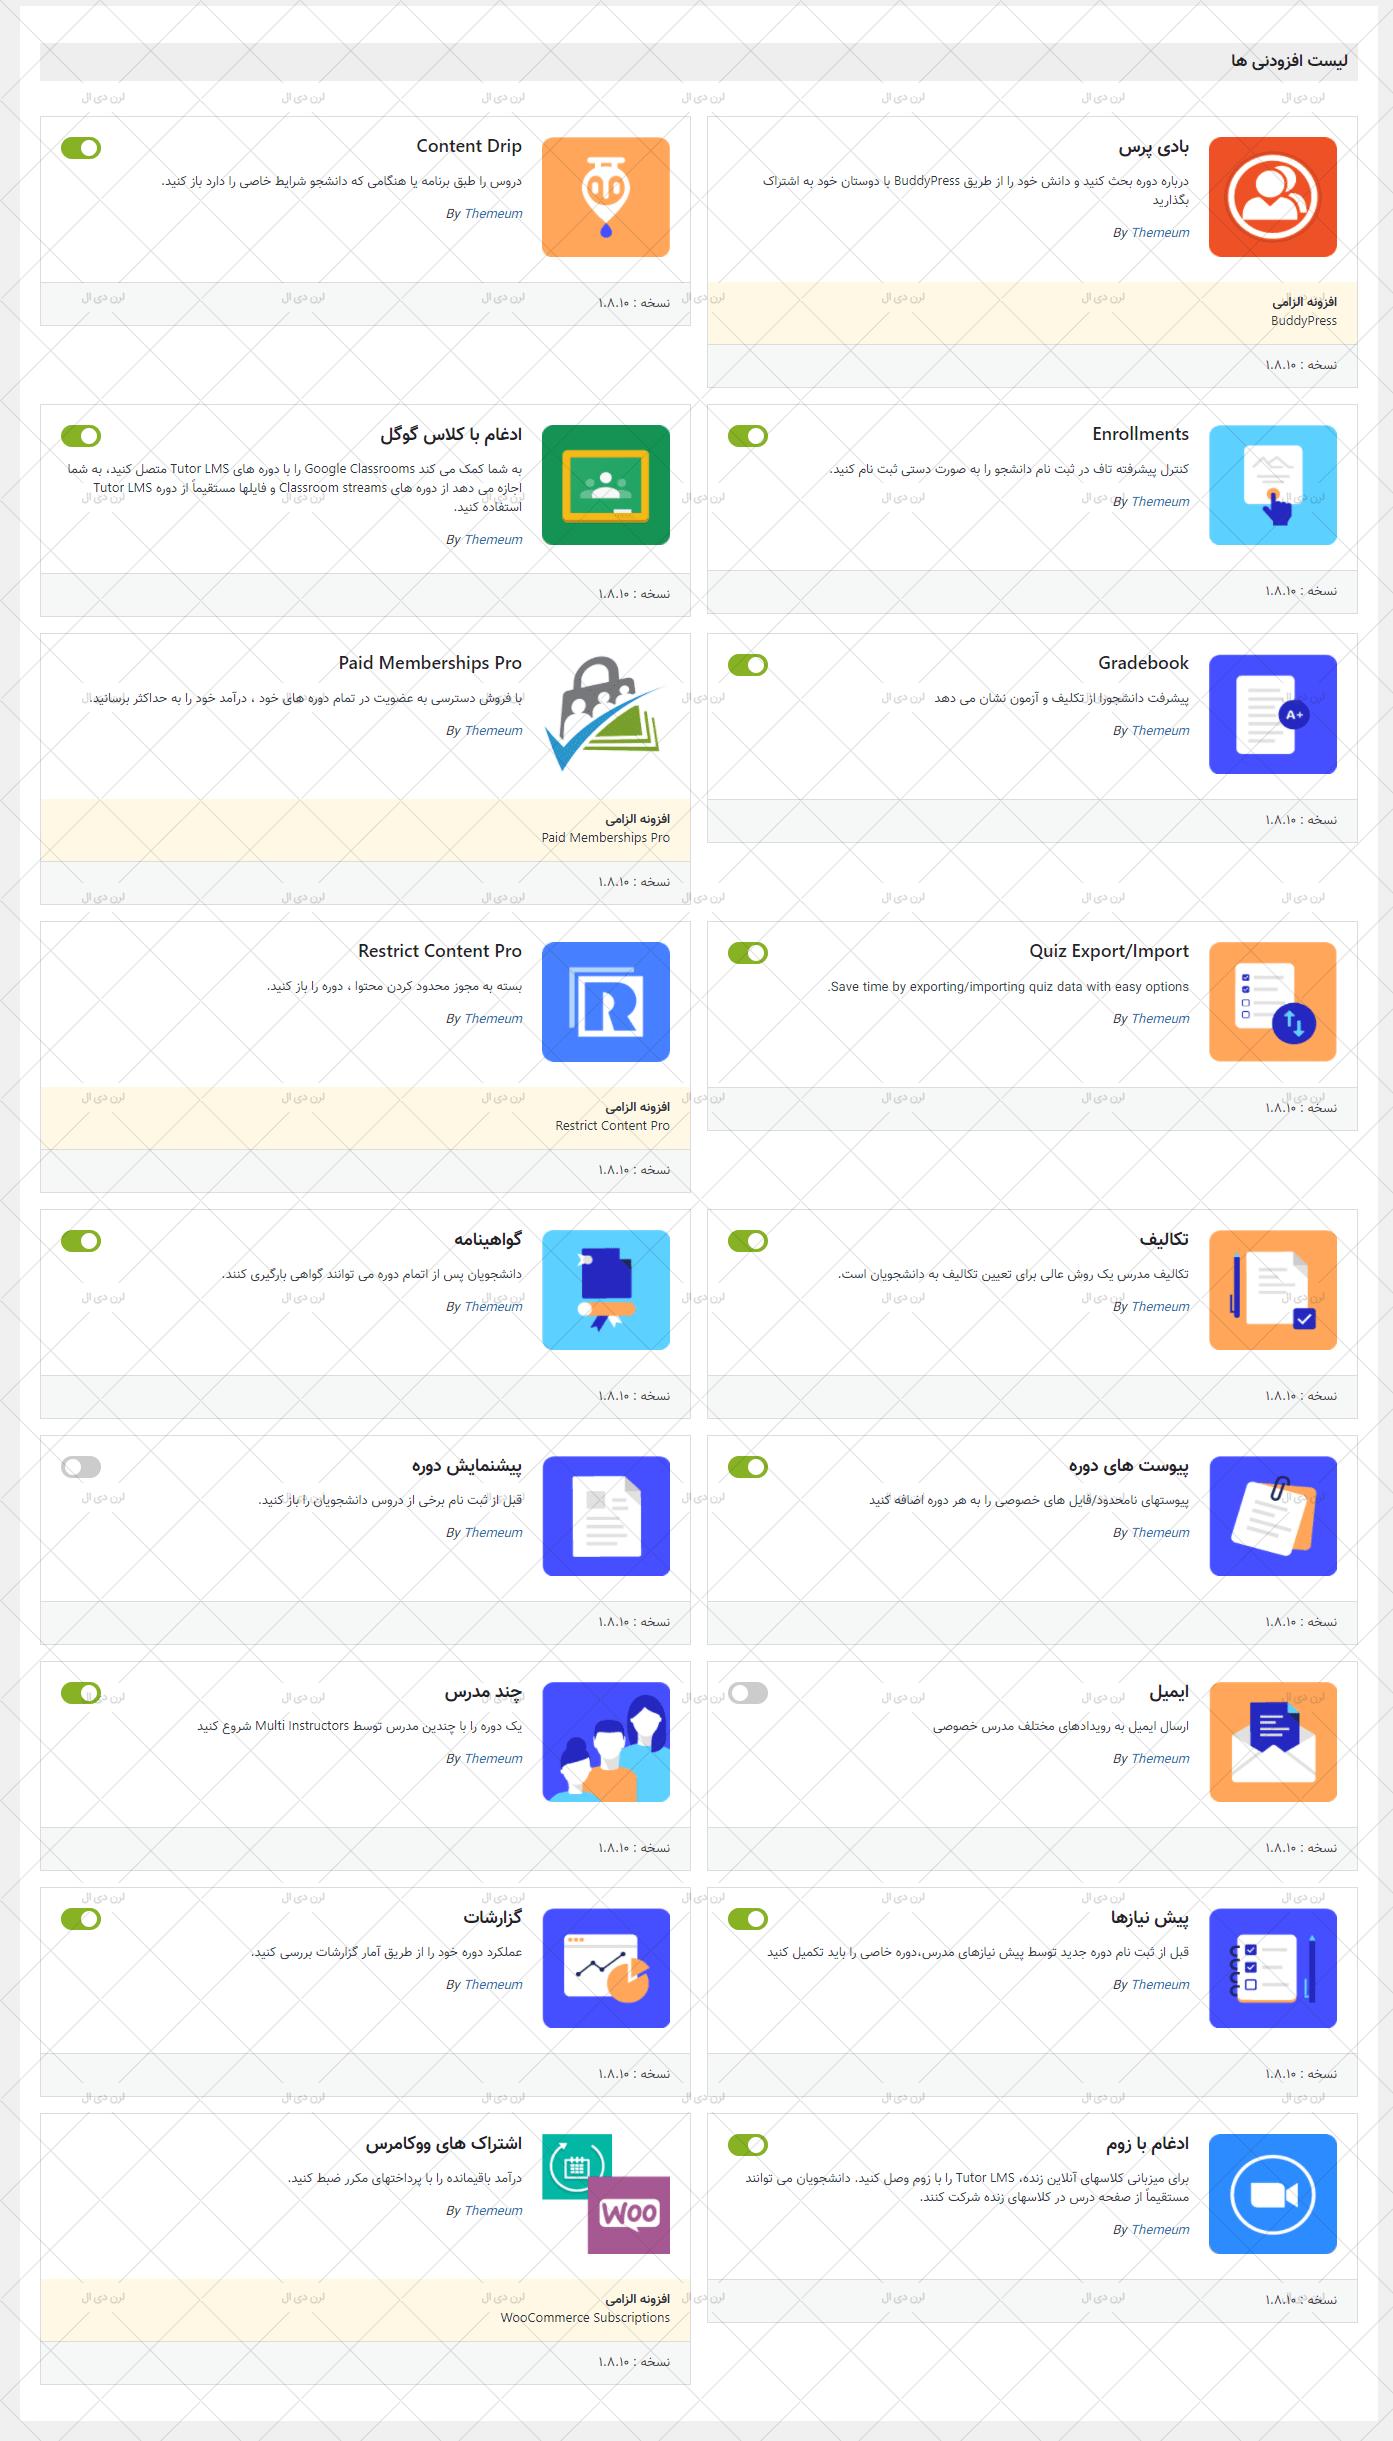 افزونه فارسی Tutor LMS Pro برای وردپرس